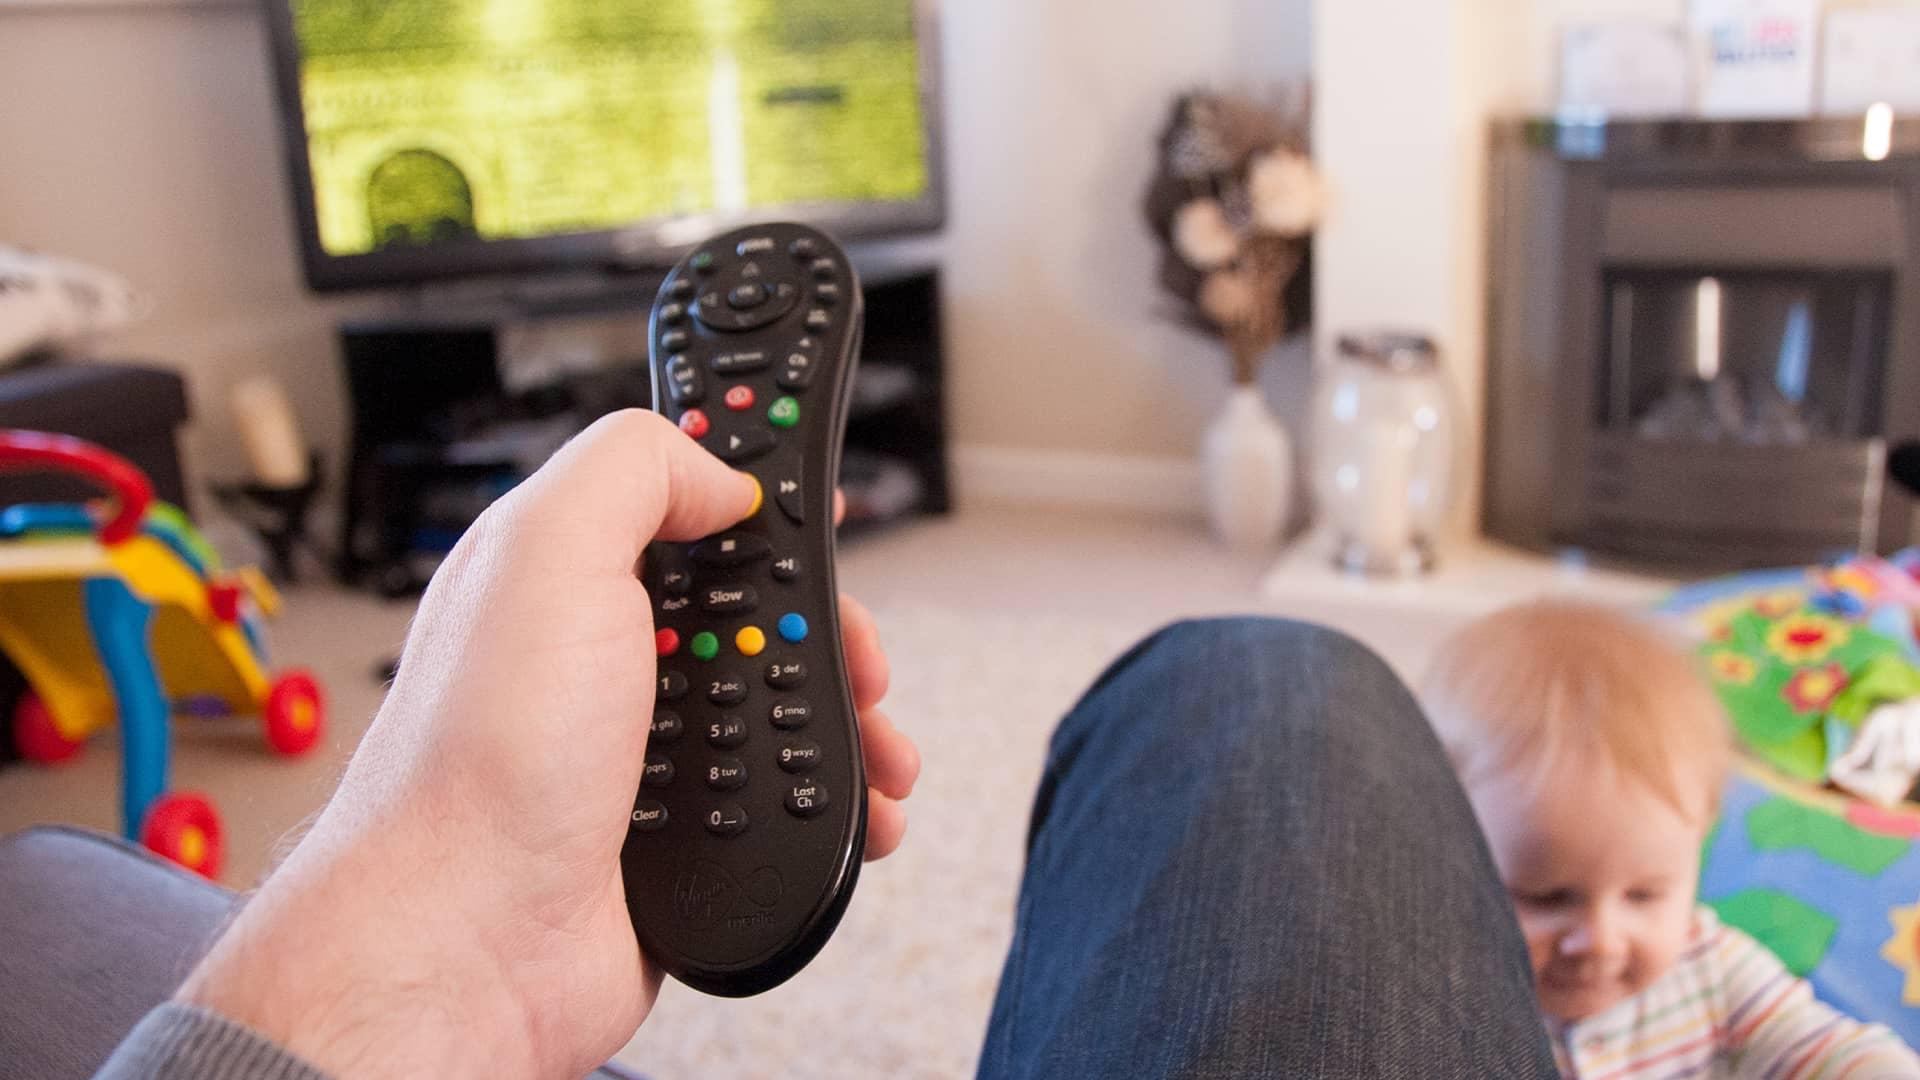 Vodafone TV programación: la guía de TV Vodafone